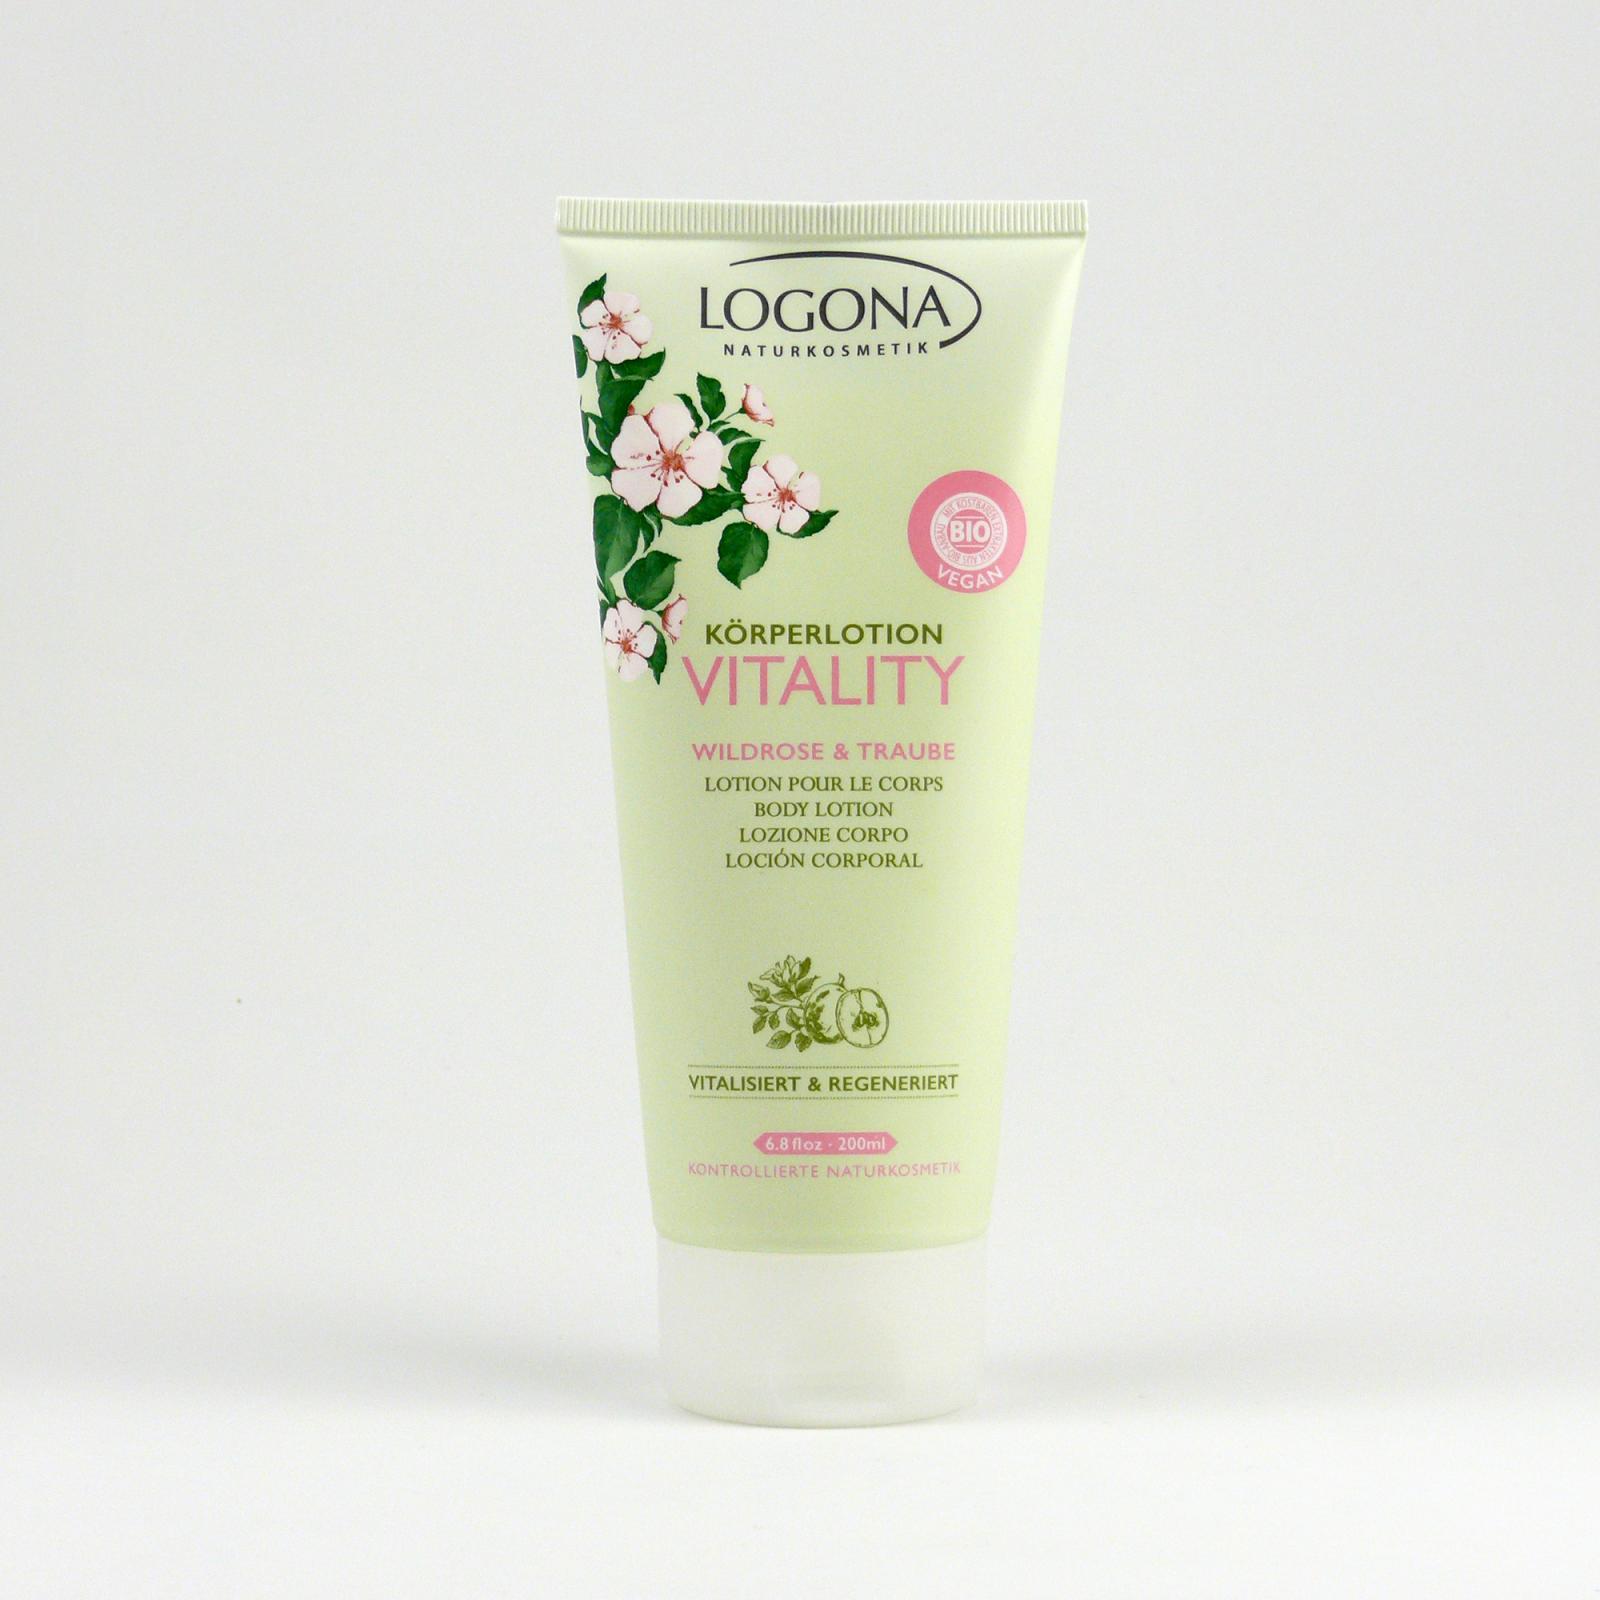 Logona Tělové mléko růže a hrozny, Vitality 200 ml